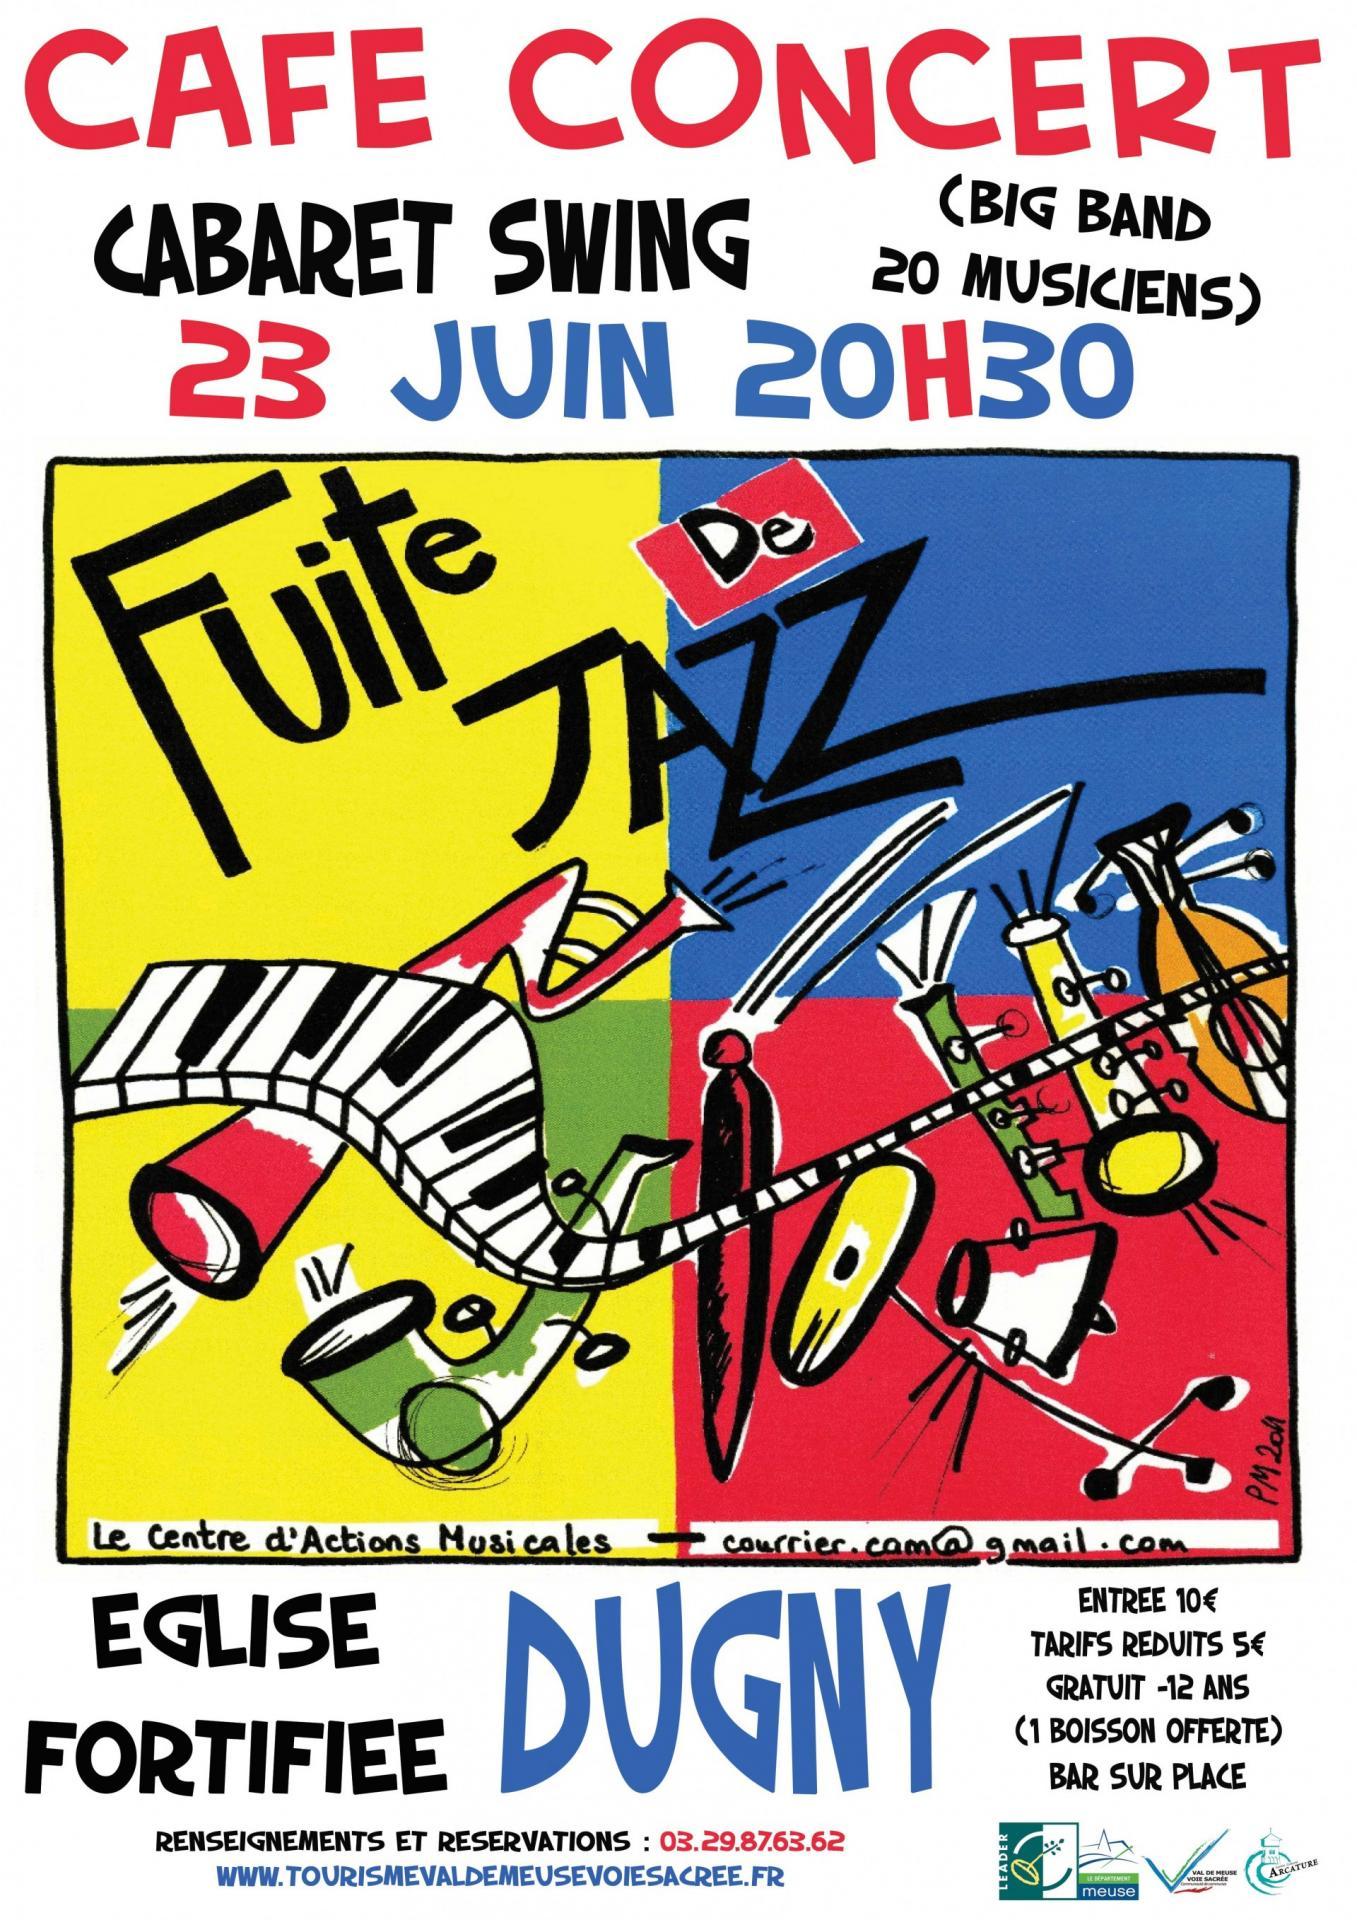 Fuite de jazz affiche web